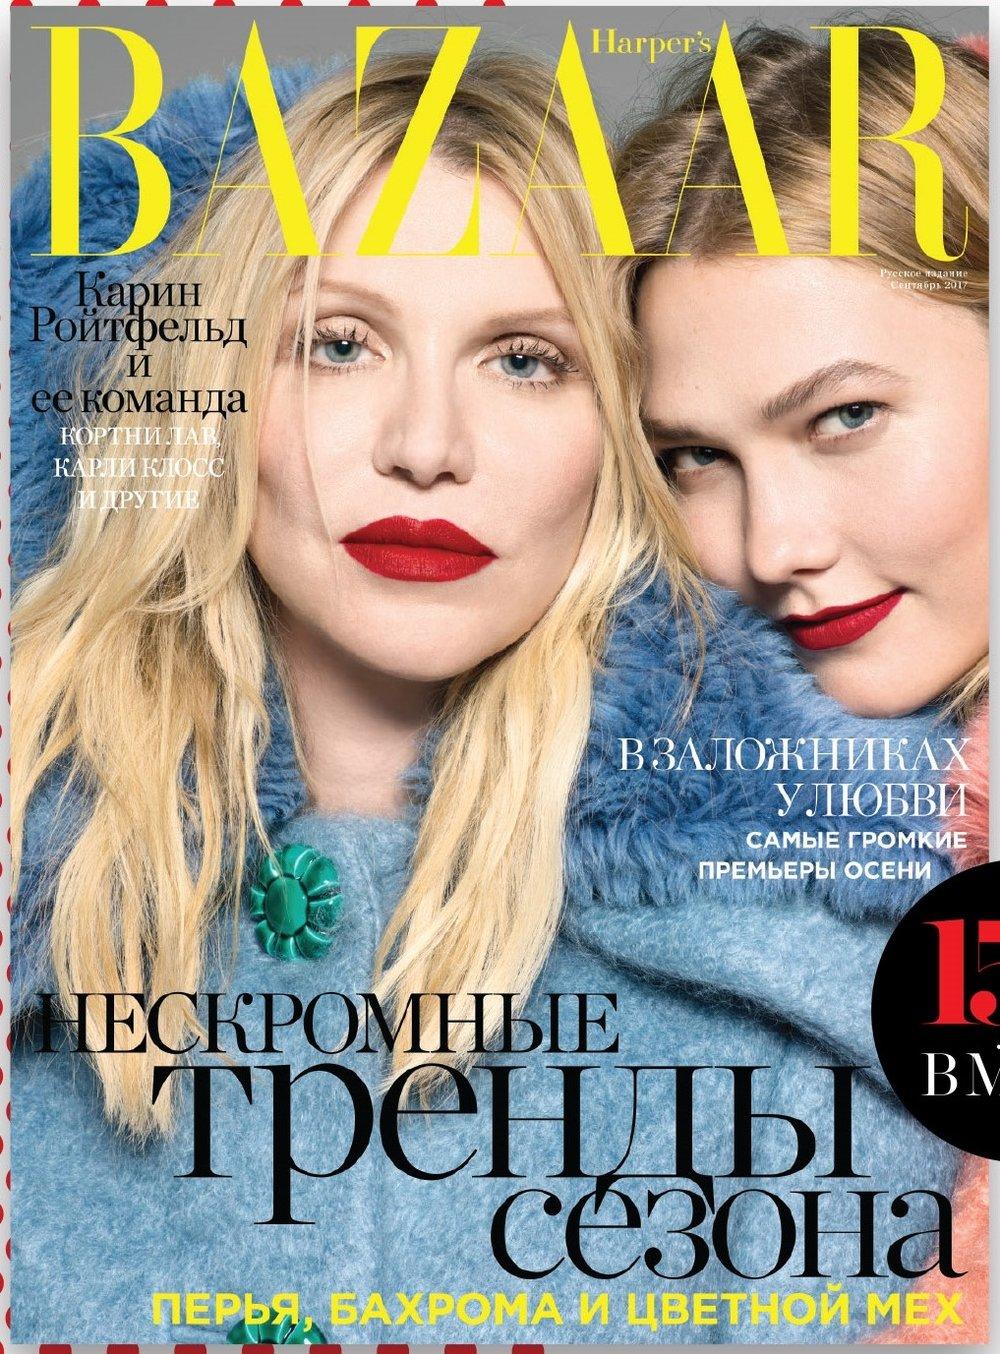 Harpers Bazaar September 2017 Russsia.jpg